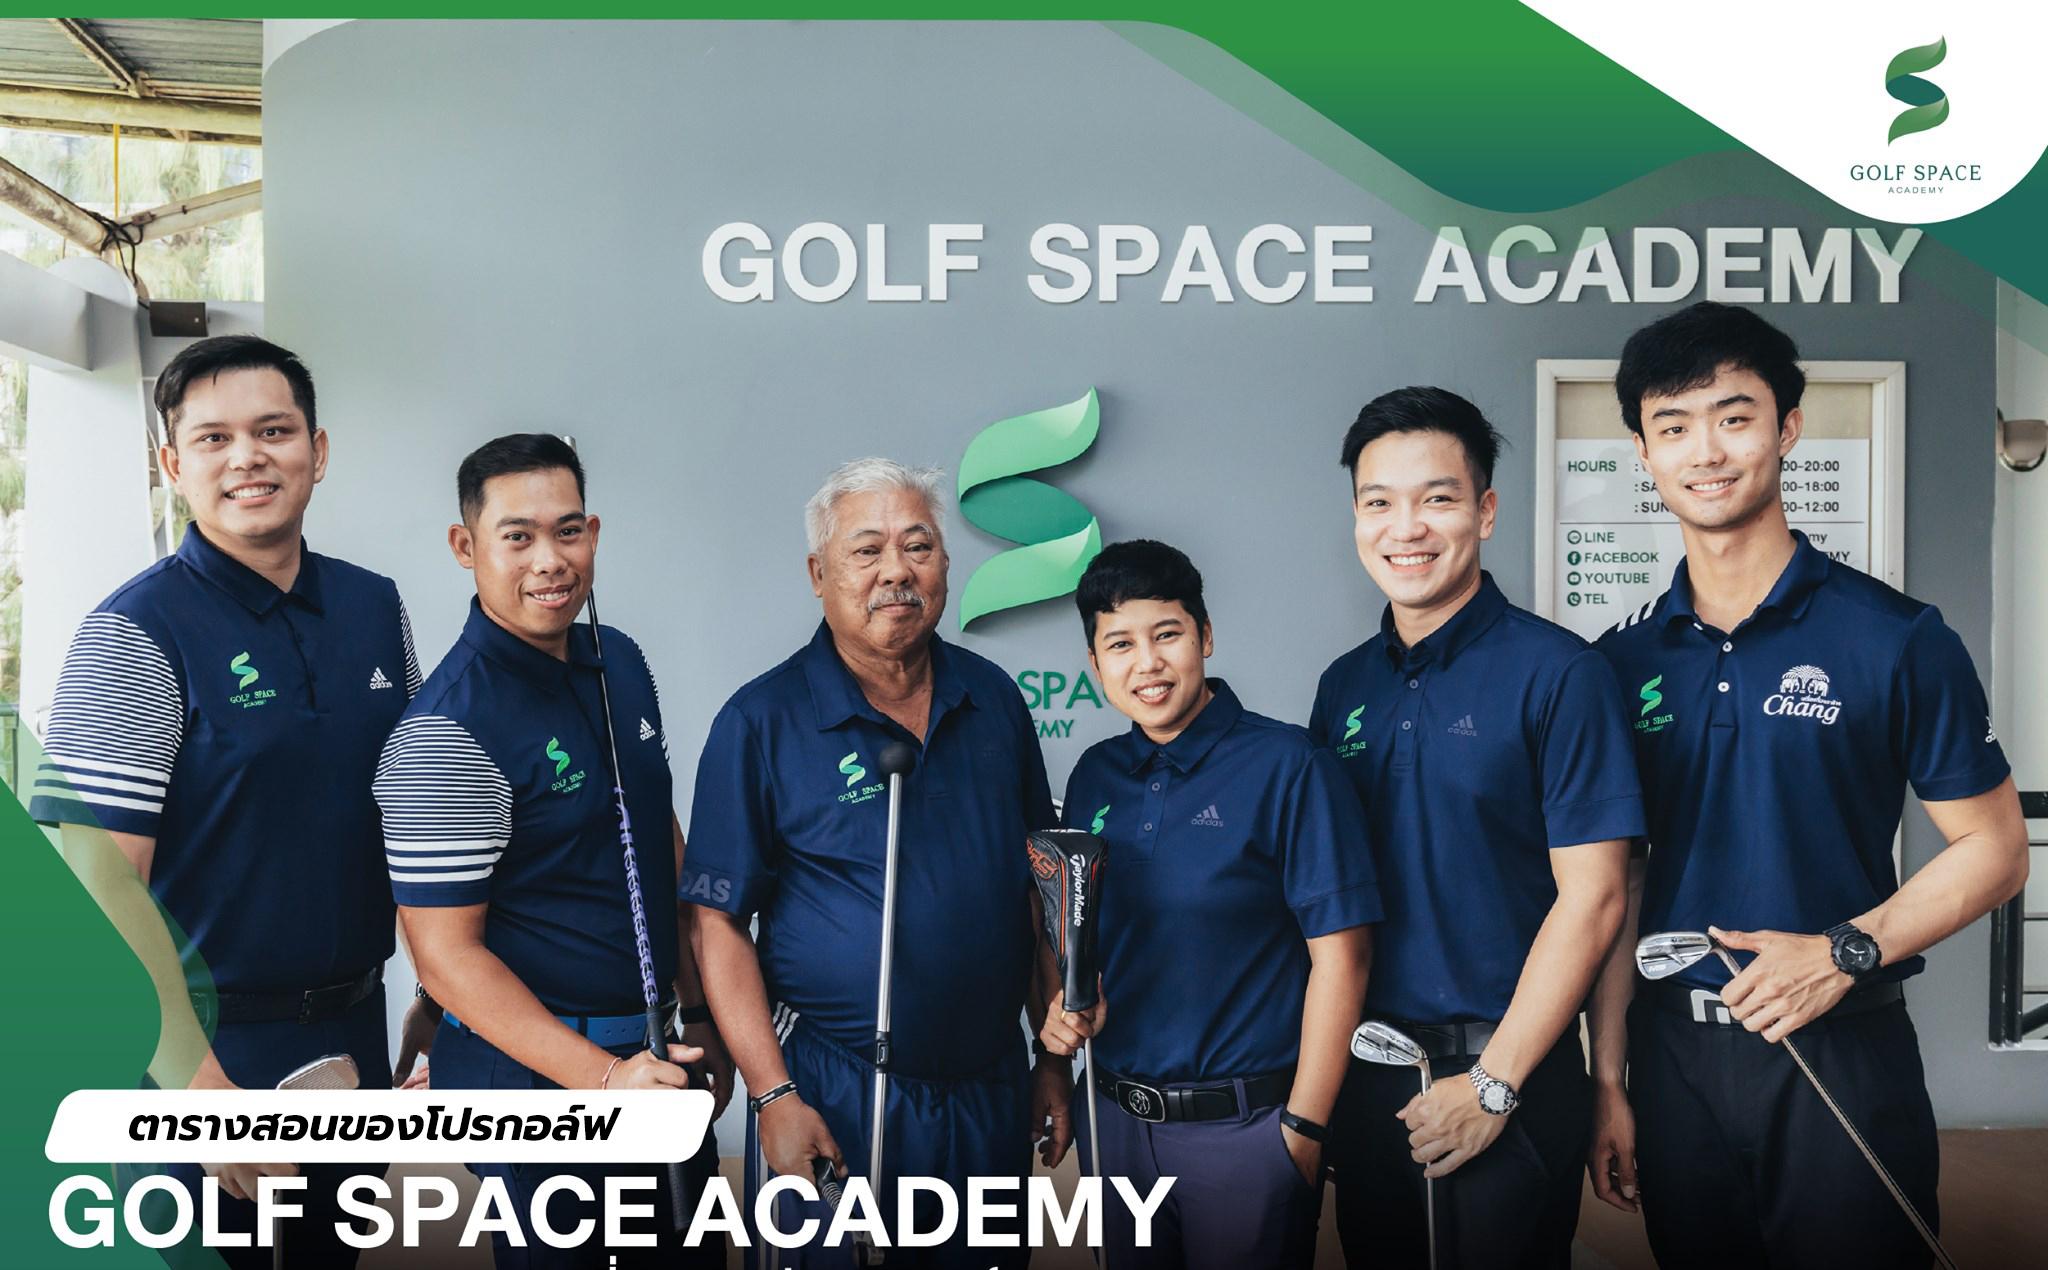 ตารางสอน Golf space academy